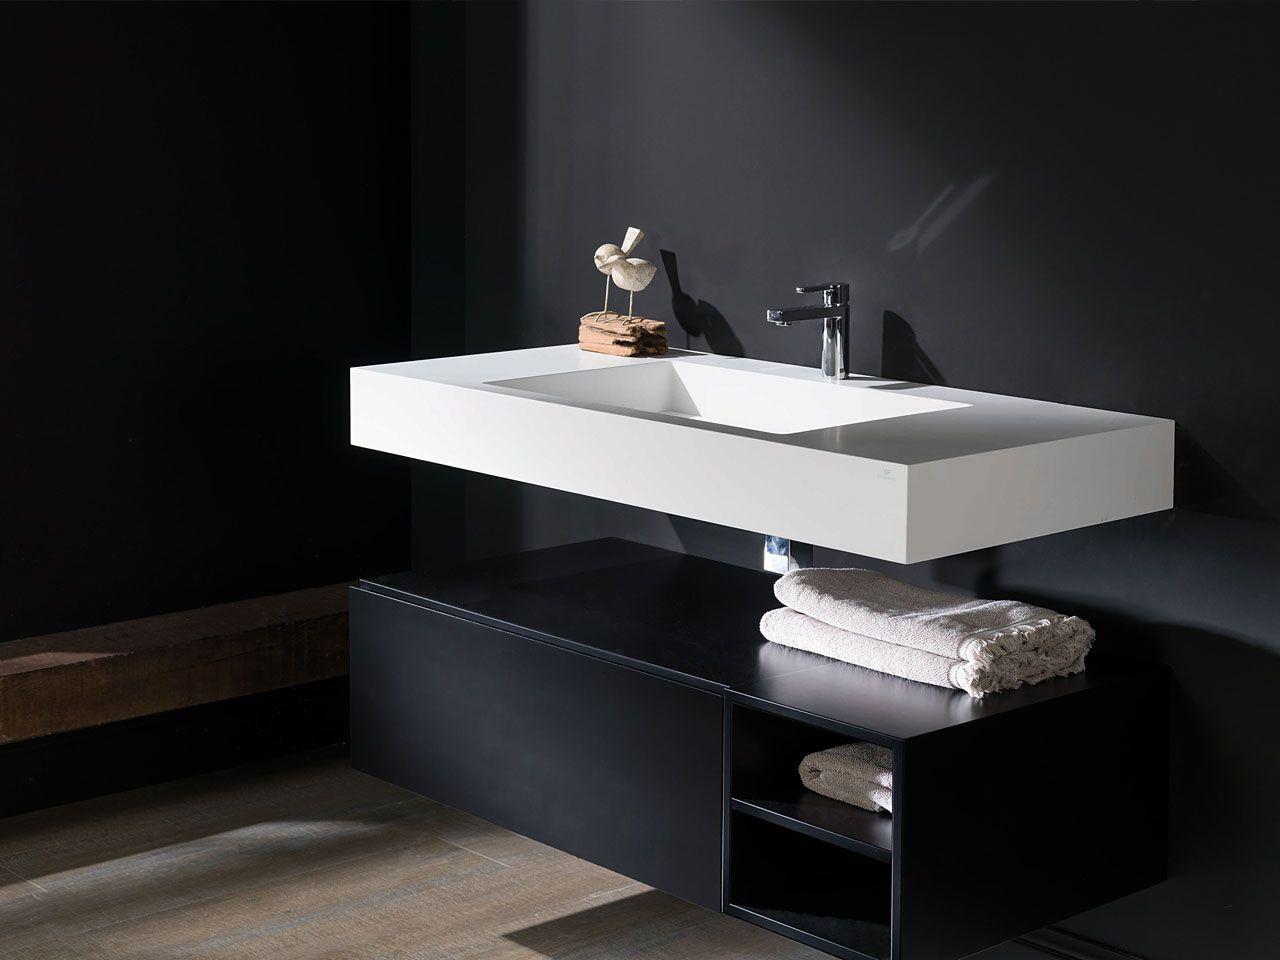 Bathroom Furniture Porcelanosa Mobilier Salle De Bain Meuble De Salle De Bain Idee Salle De Bain